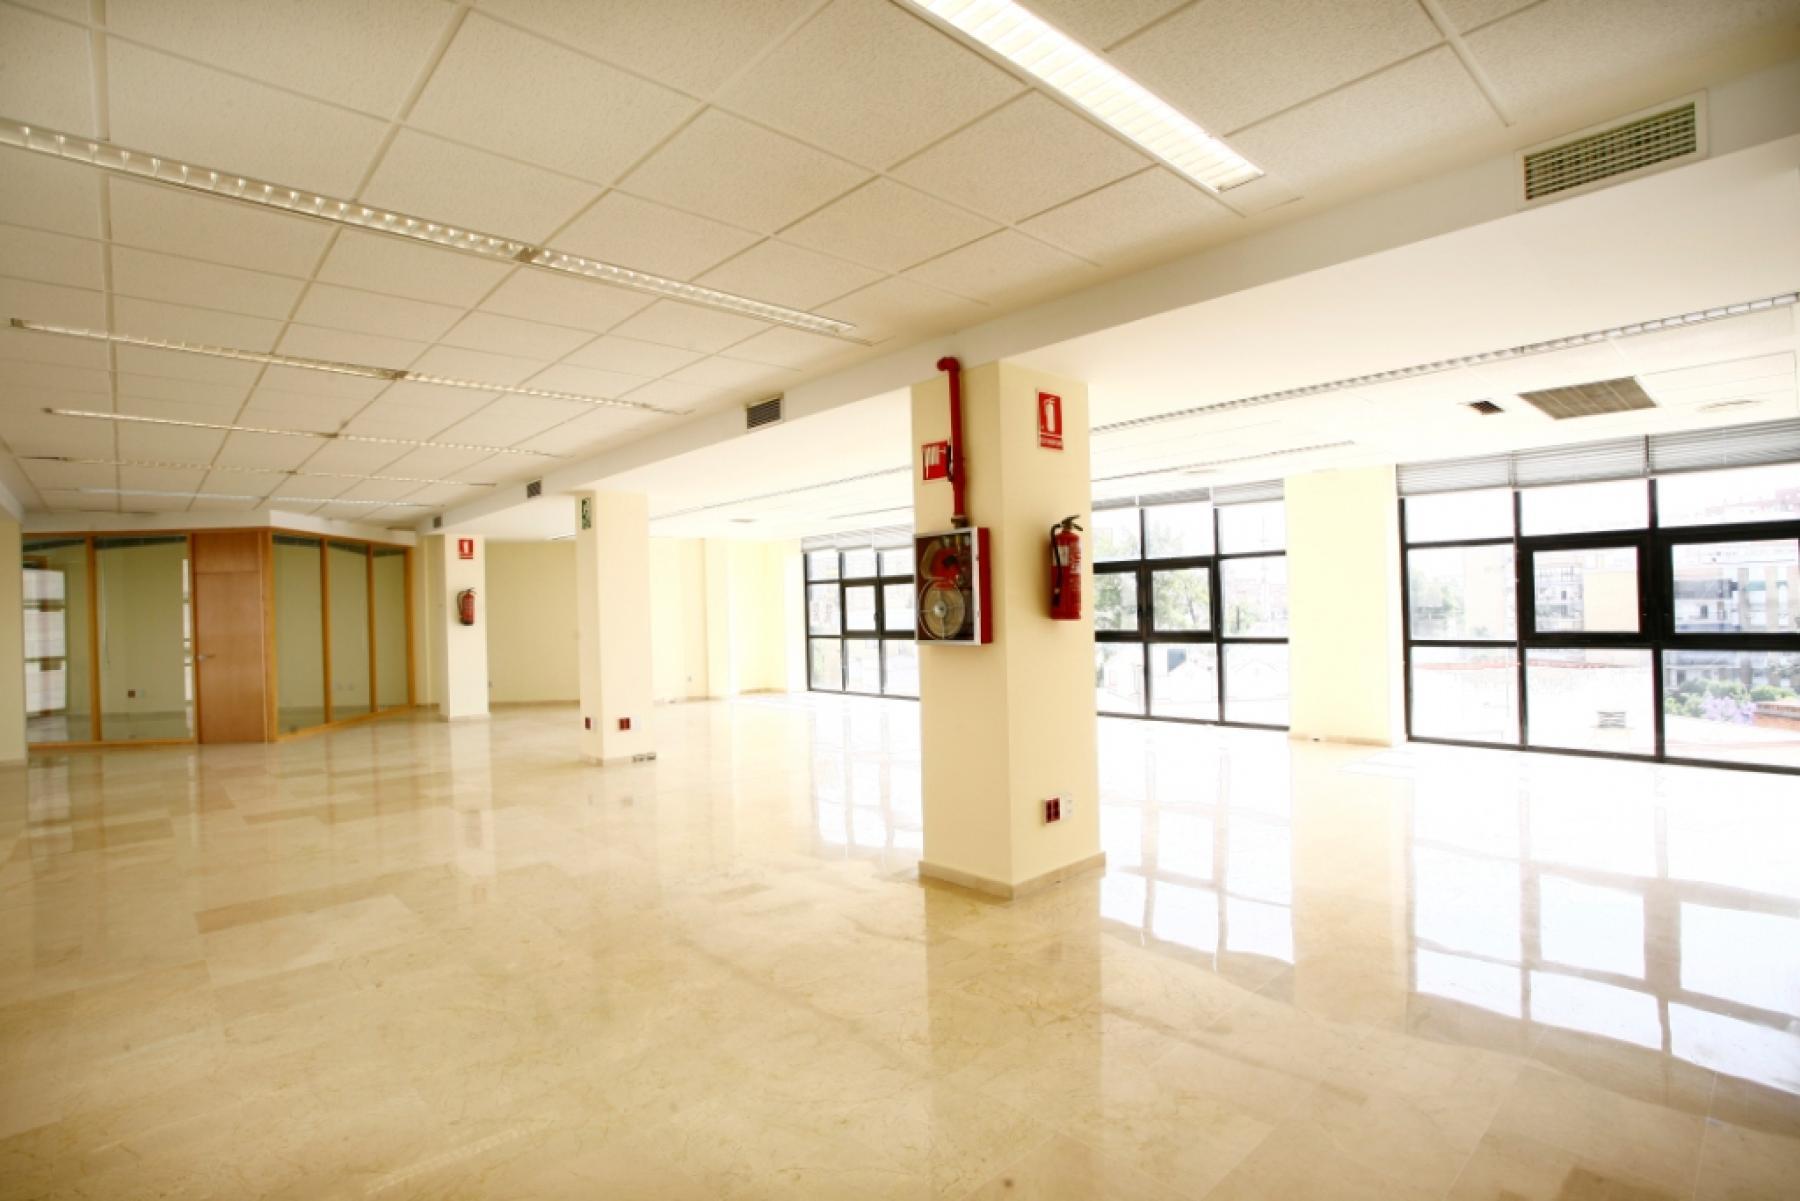 Alquilar oficinas Avenida San Francisco 15, Sevilla (3)